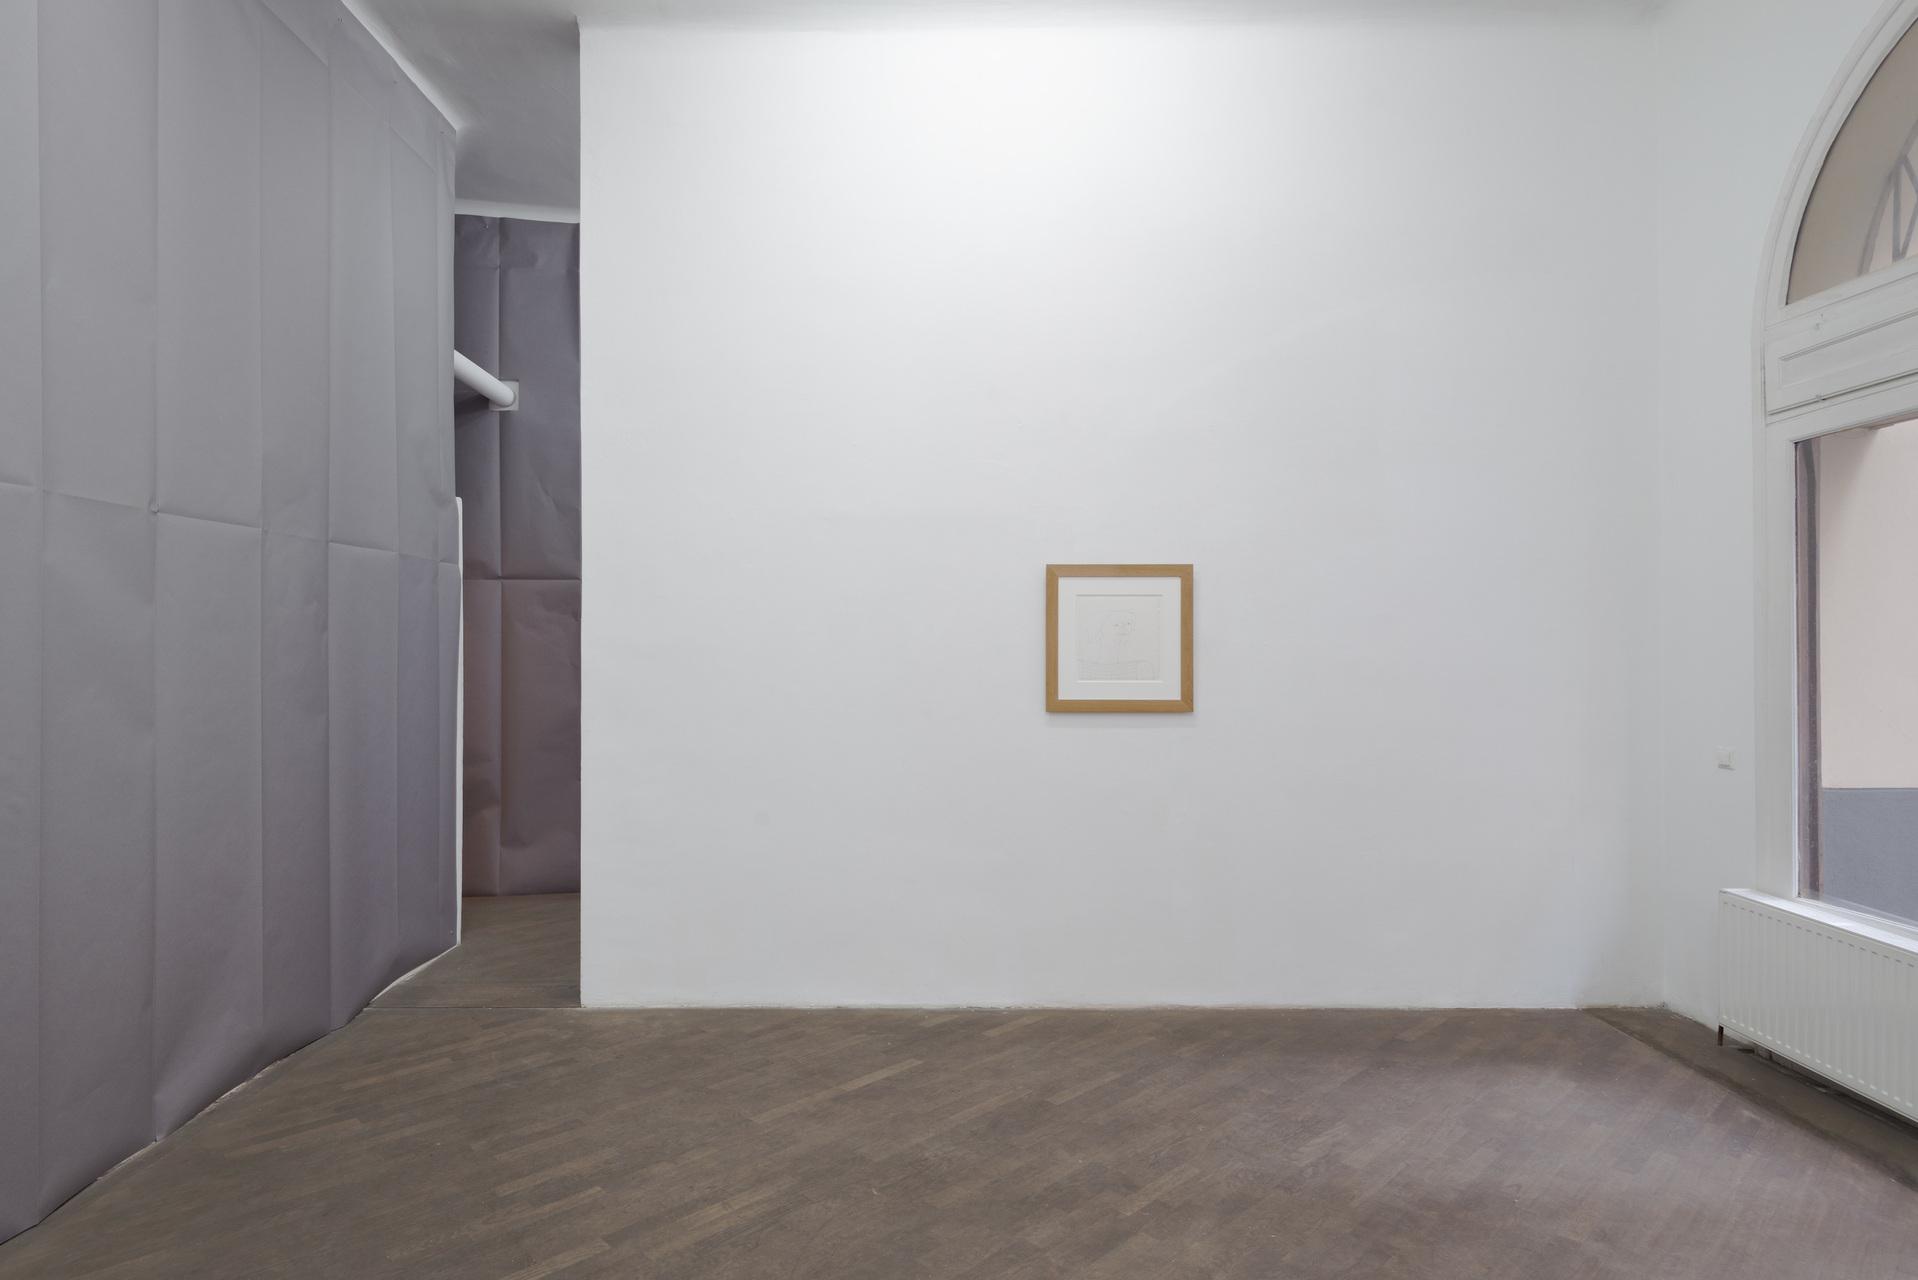 #14-Gerber_McArthur_Nutt_-final-installation-view